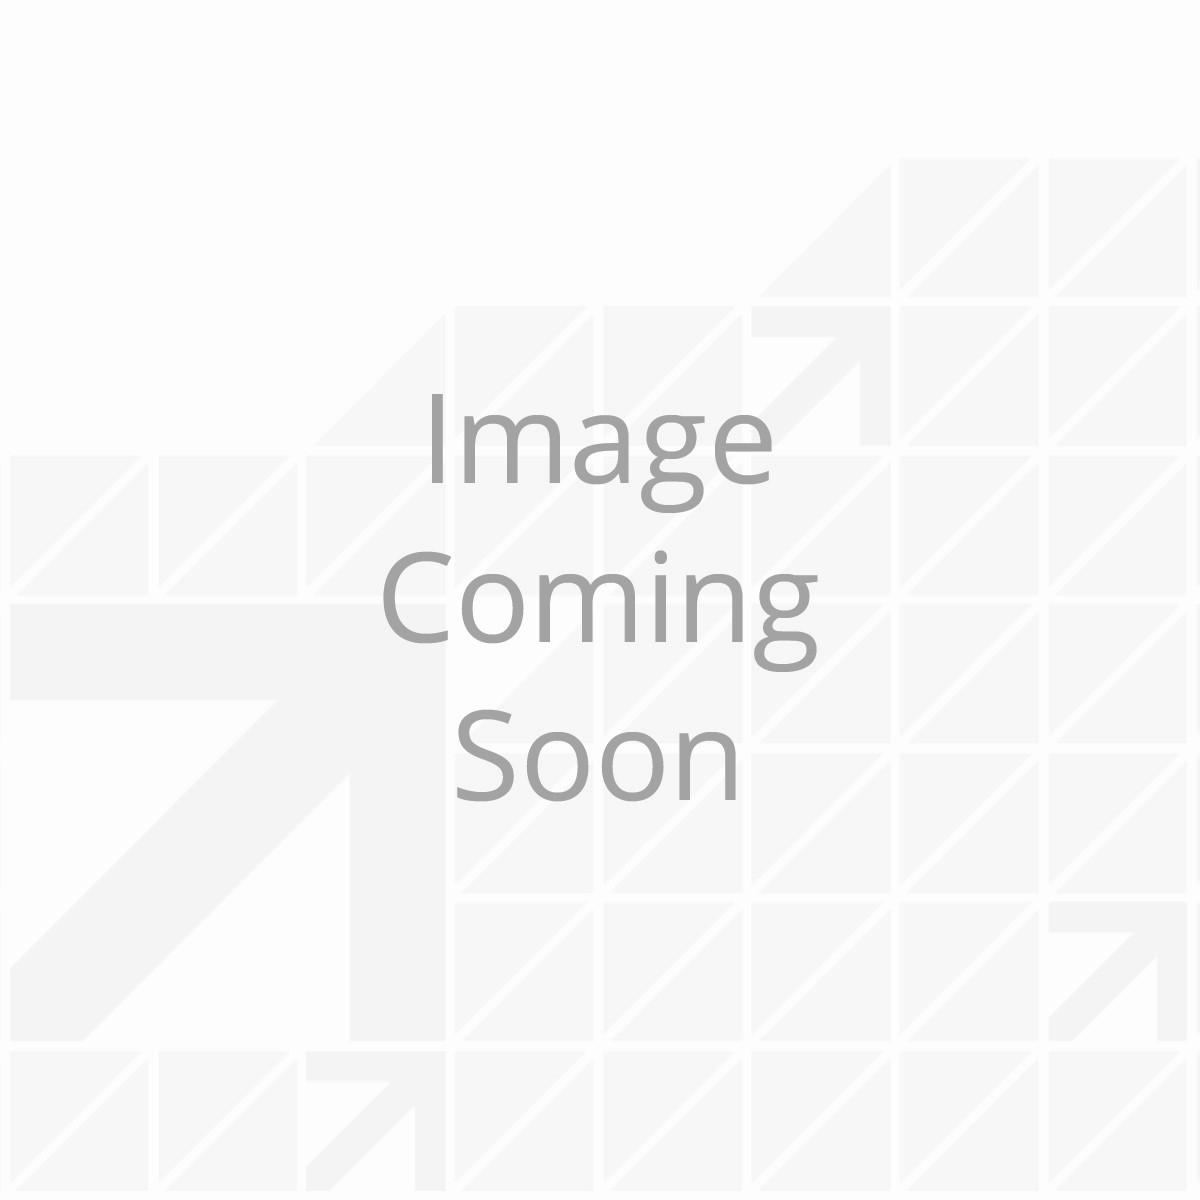 MOUNTING BRACKET (FRCBRKT-BL)